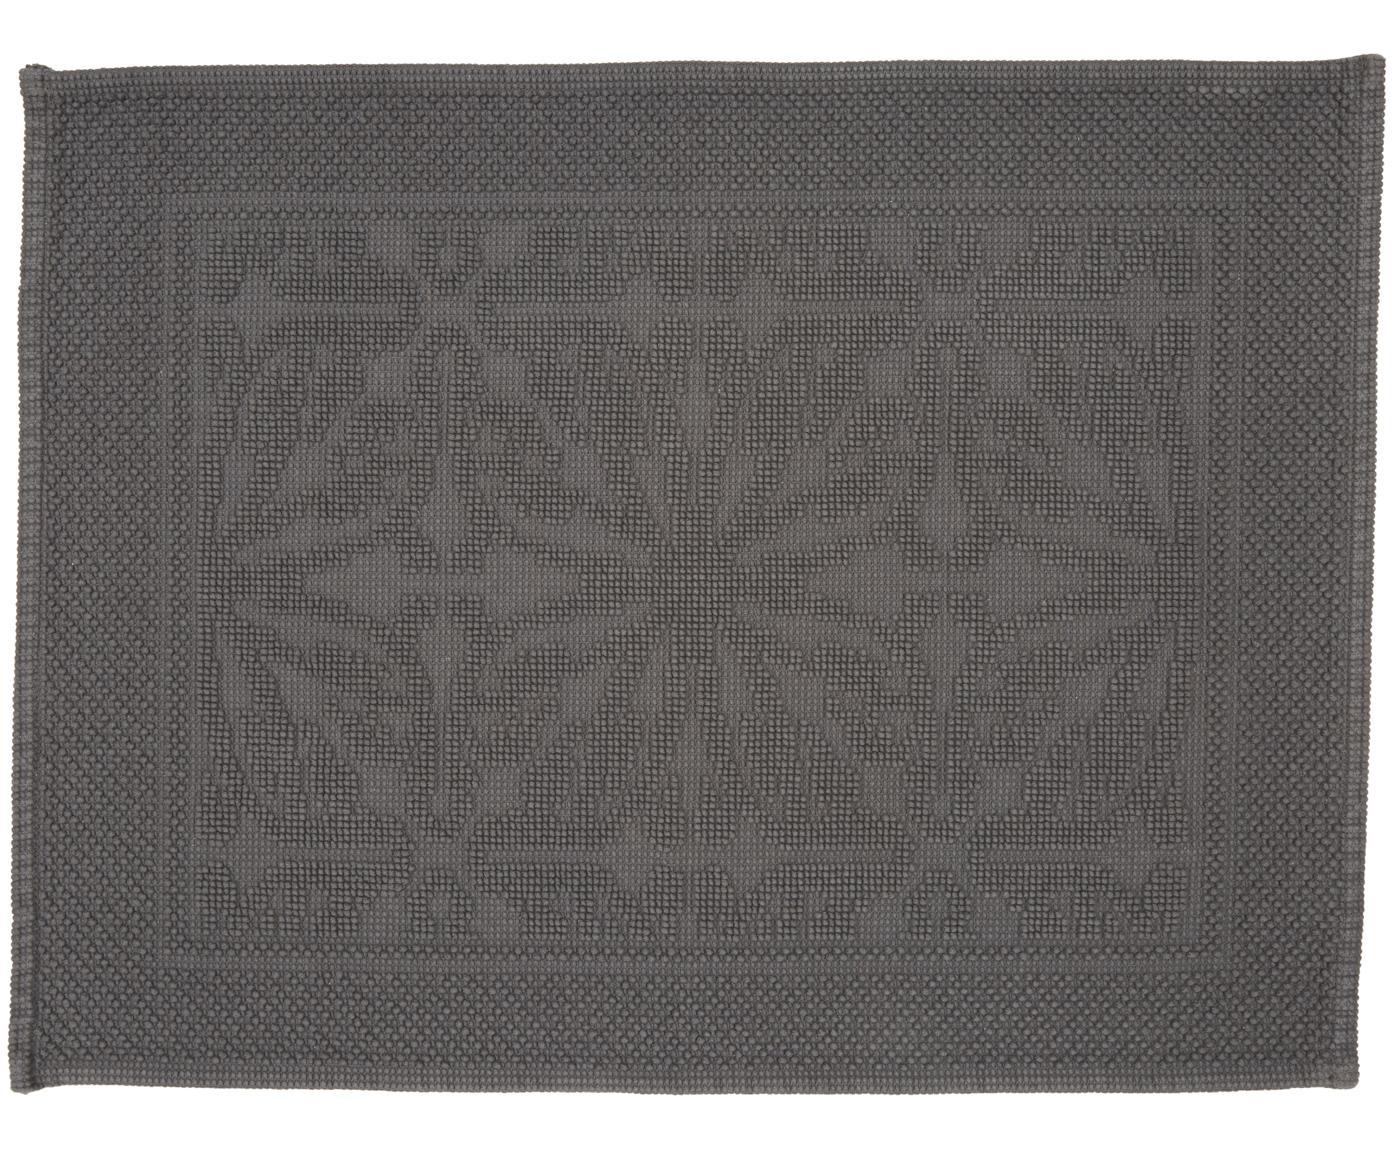 Badvorleger Hammam mit Hoch-Tief-Muster, 100% Baumwolle, schwere Qualität, 1700 g/m², Dunkelgrau, 60 x 80 cm